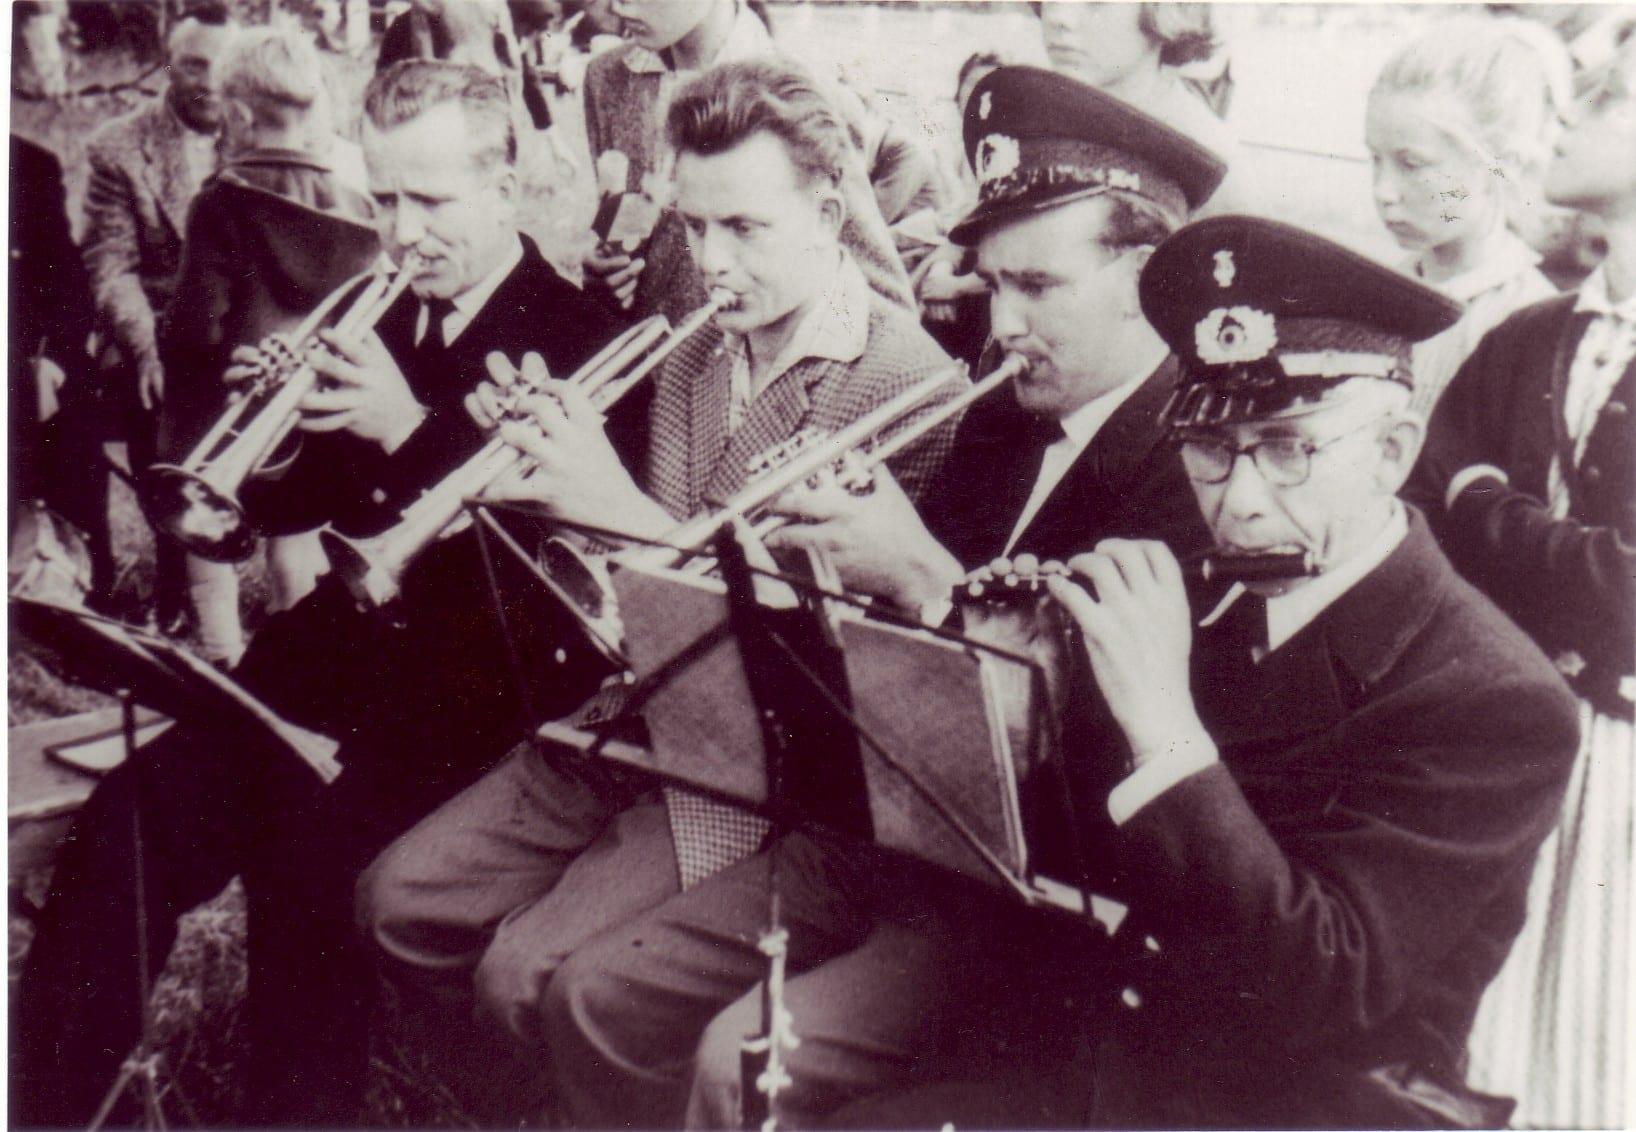 1958 - Josef Lösing, Bernhard Lammers, Josef Steiner, Josef Schwering